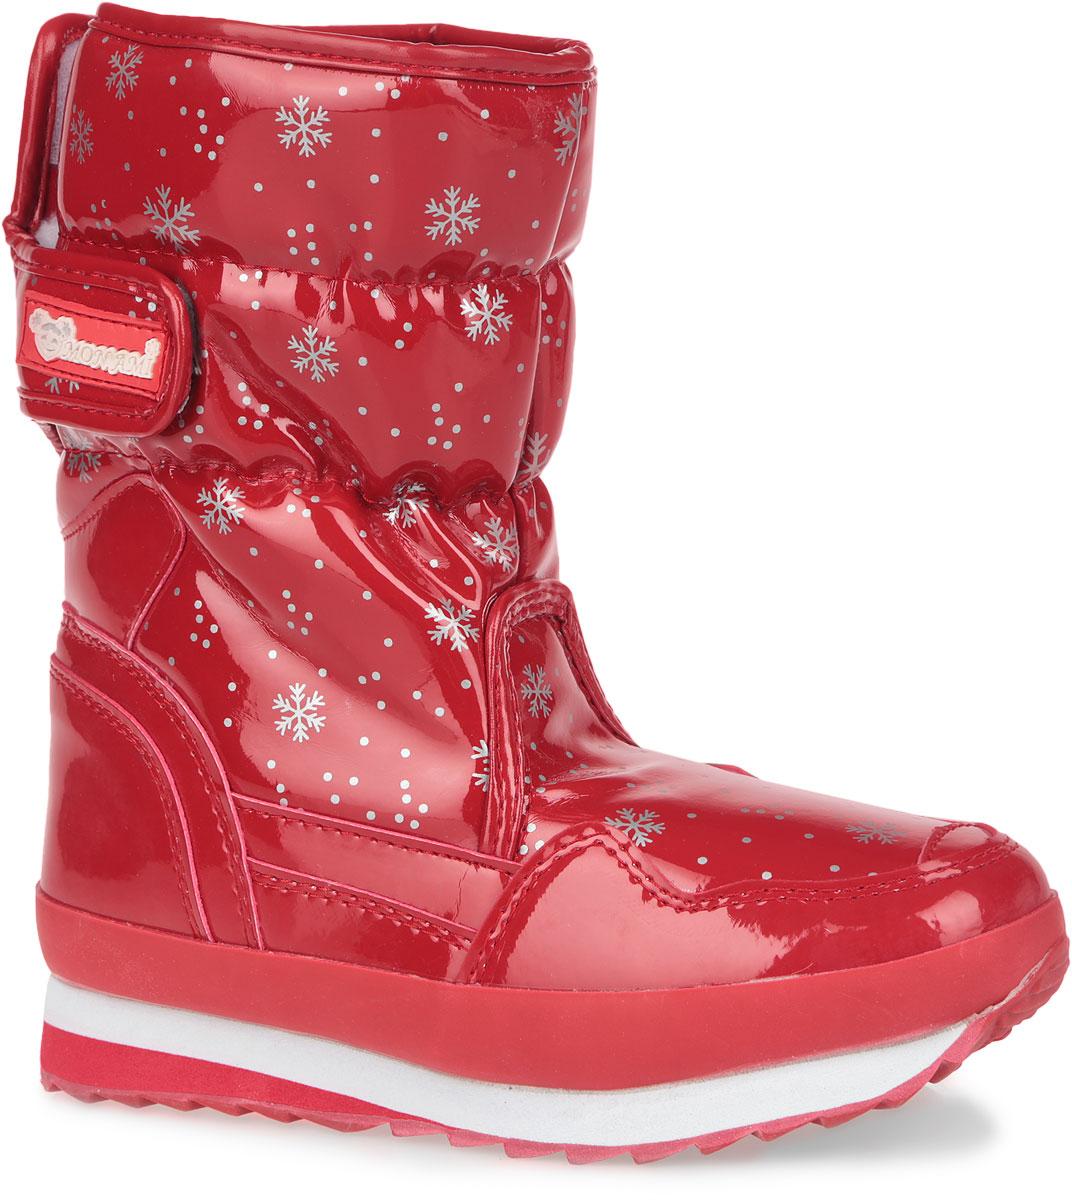 Дутики женские. RC825-2-42RC825-2-42/BRIGHT REDПрактичные и удобные женские дутики от Mon Ami - отличный вариант на каждый день. Модель выполнена из искусственной лаковой кожи и декорирована оригинальным рисунком в виде снежинок. По ранту обувь дополнена вставкой из полимерного материала. Верх изделия оформлен двумя удобными застежками-липучками, которые надежно фиксируют модель на ноге и регулируют объем. Подкладка и анатомическая стелька, изготовленные из искусственного меха, согреют ноги в мороз и обеспечат уют. Сбоку дутики украшены нашивкой из ПВХ с логотипом бренда. Подошва из полимерного термопластичного материала - с противоскользящим рифлением. Удобные дутики придутся вам по душе.